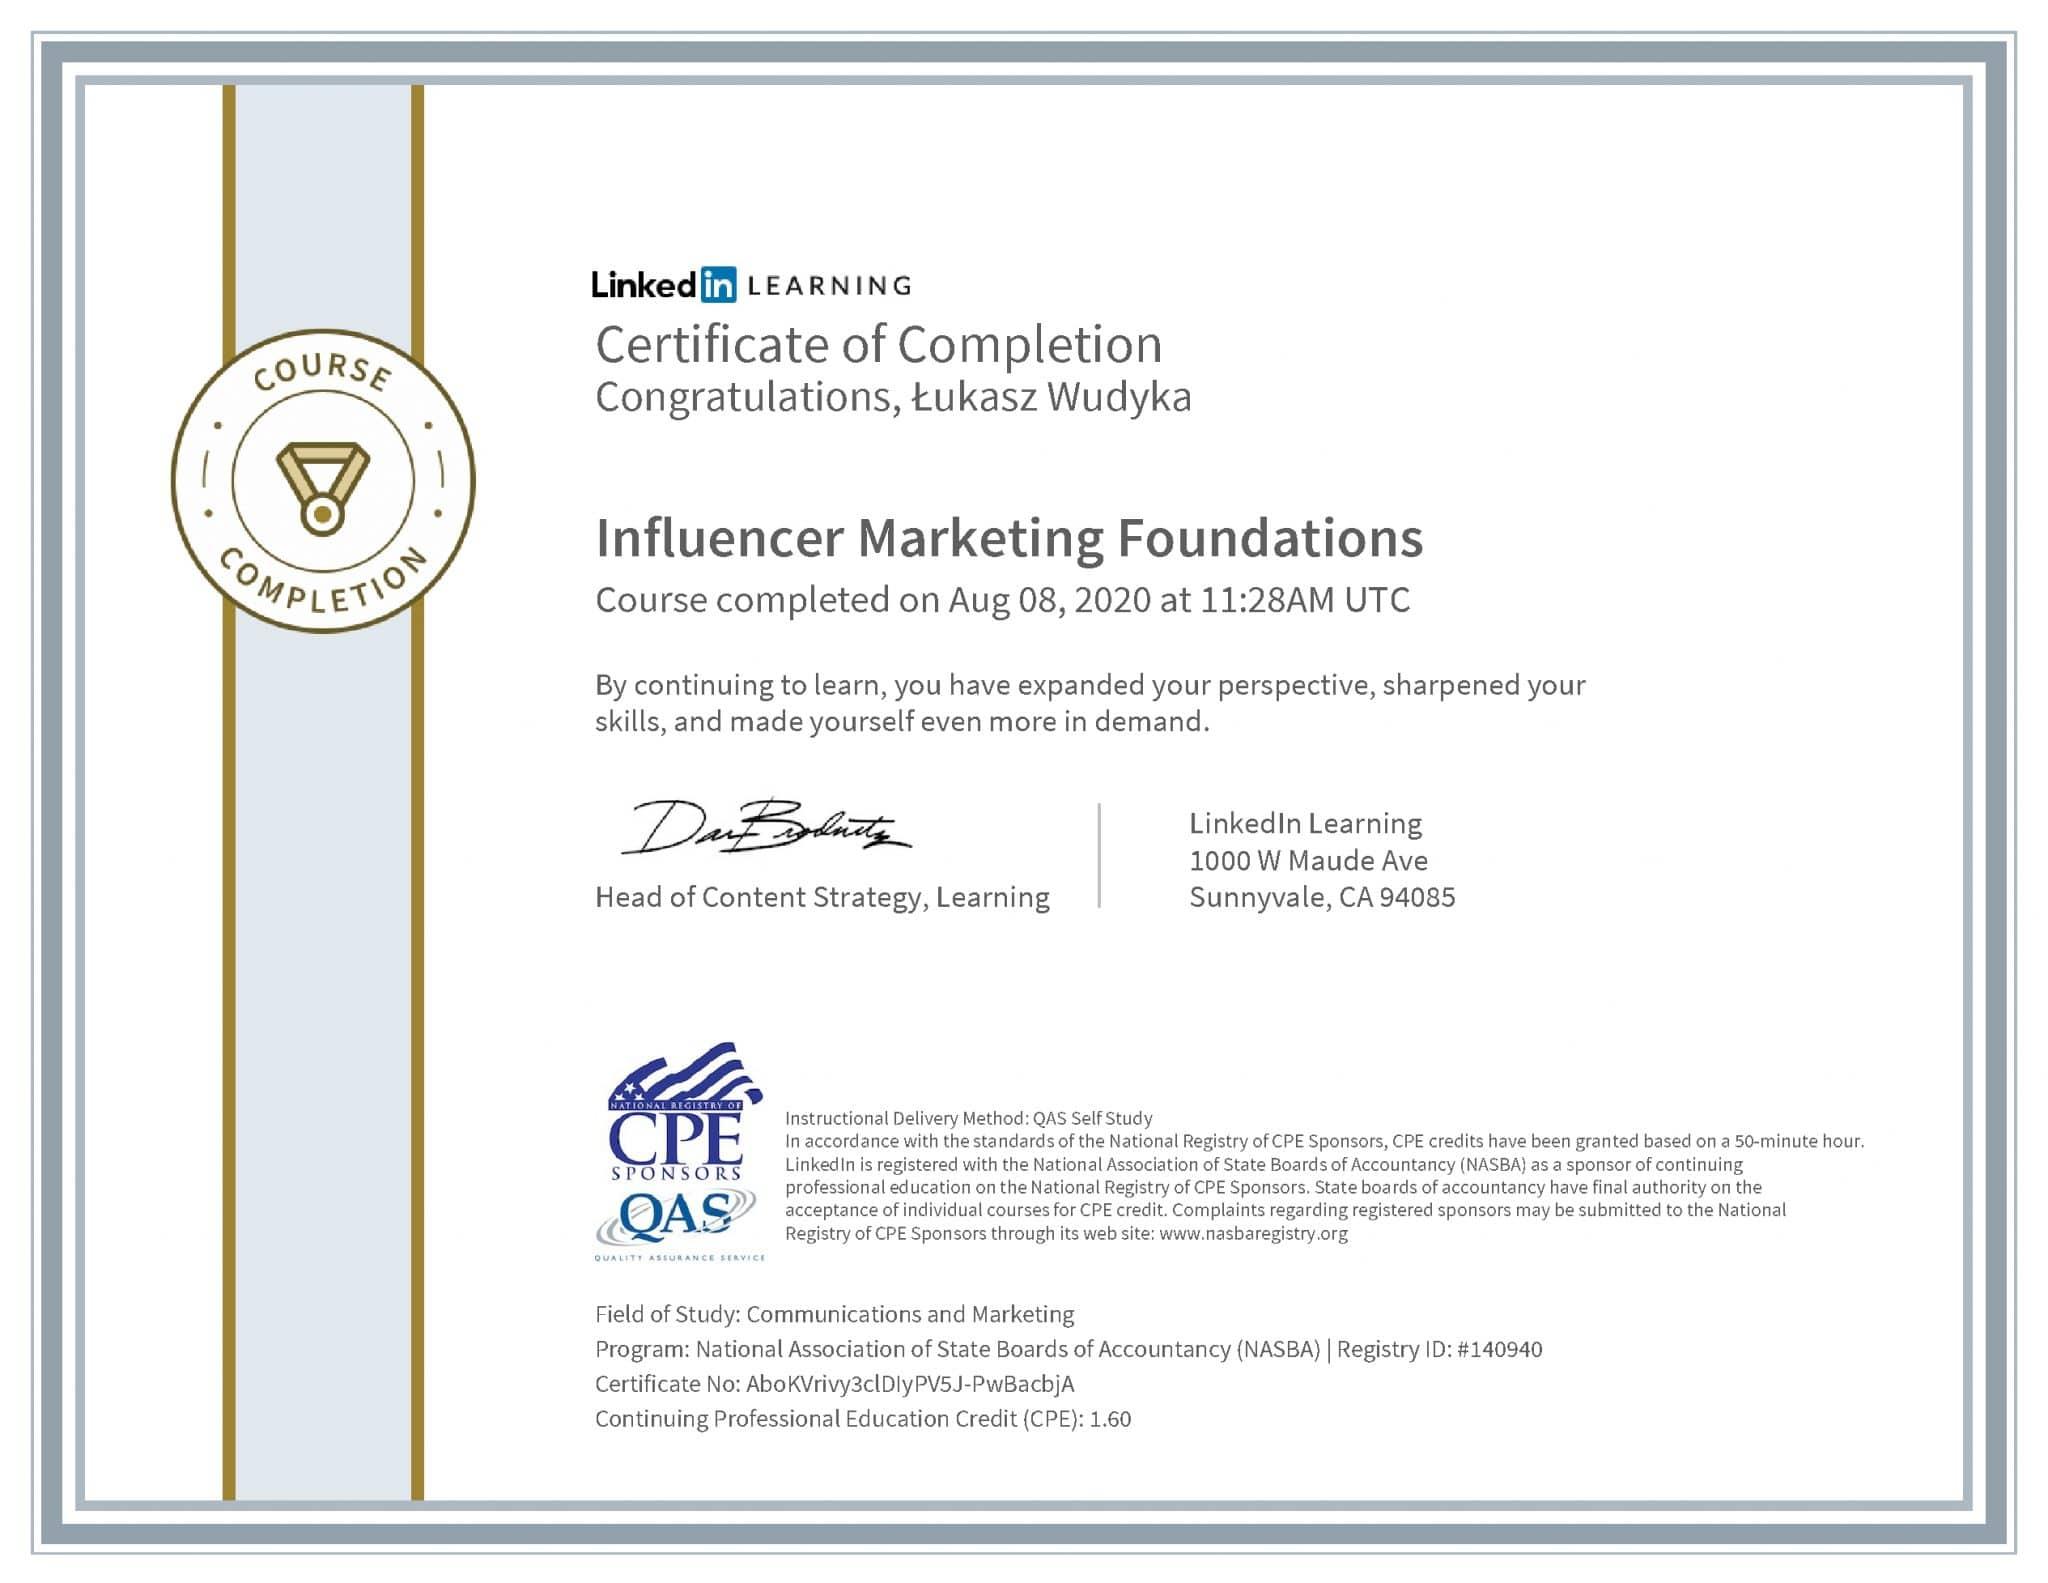 Łukasz Wudyka certyfikat LinkedIn Influencer Marketing Foundations NASBA